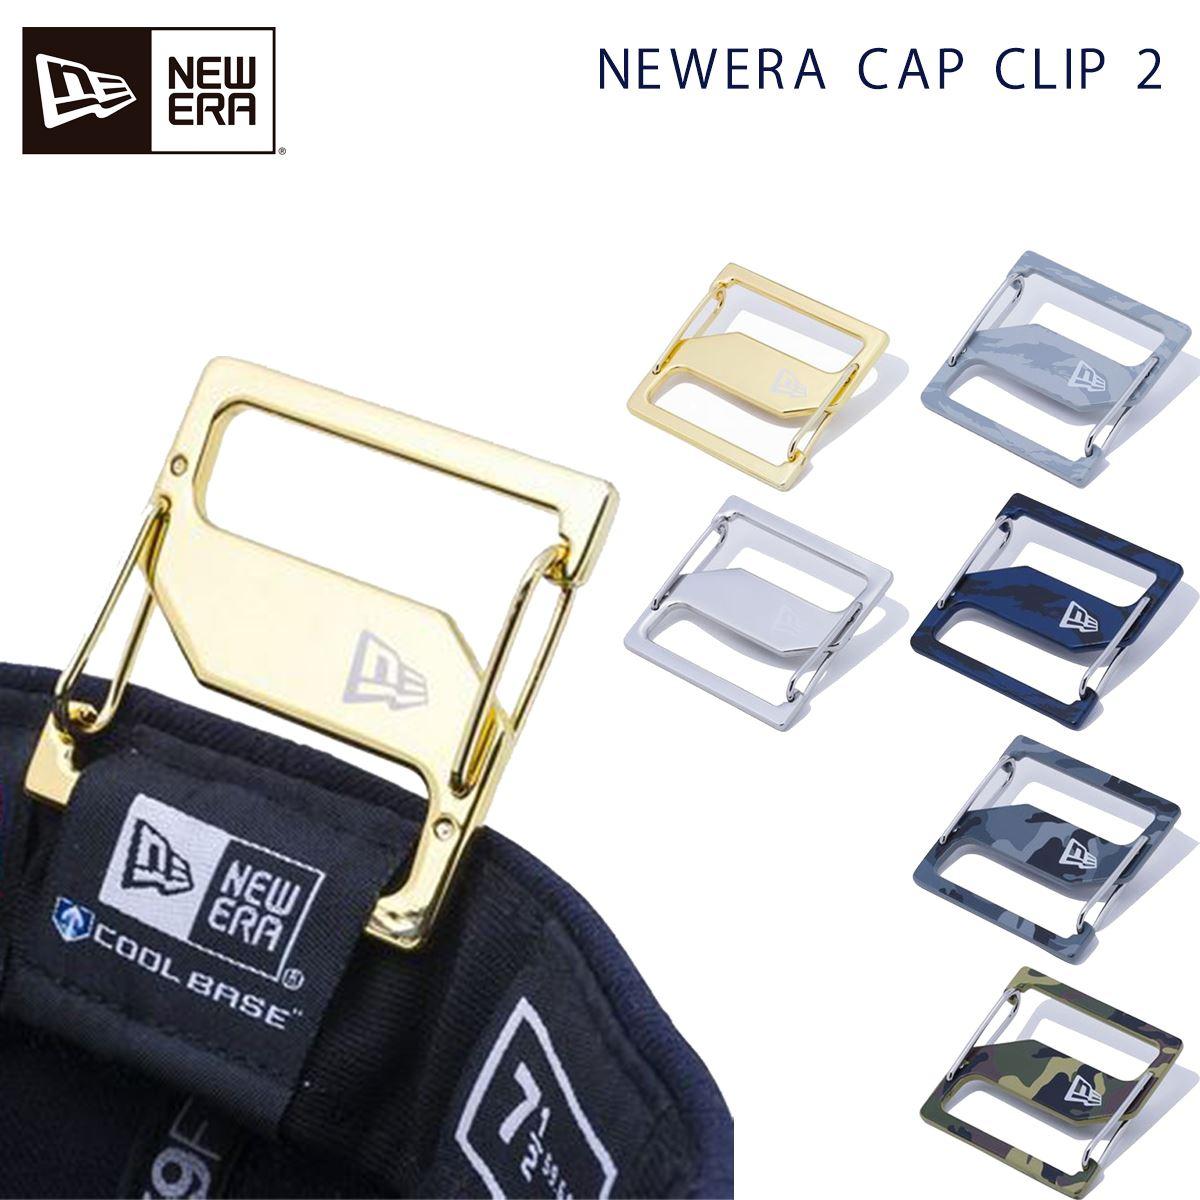 ニューエラのキャップクリップ キャップをバッグに取り付けることができる ファッションのアクションにも NEWERA キャップクリップ カラビナ キャップホルダー バッグ アクセサリー おしゃれ キャップ クリップ 日本正規品 小物 CLIP かっこいい レディース リュック 最新号掲載アイテム CAP メンズ ニューエラ ベルトループ お値打ち価格で 2